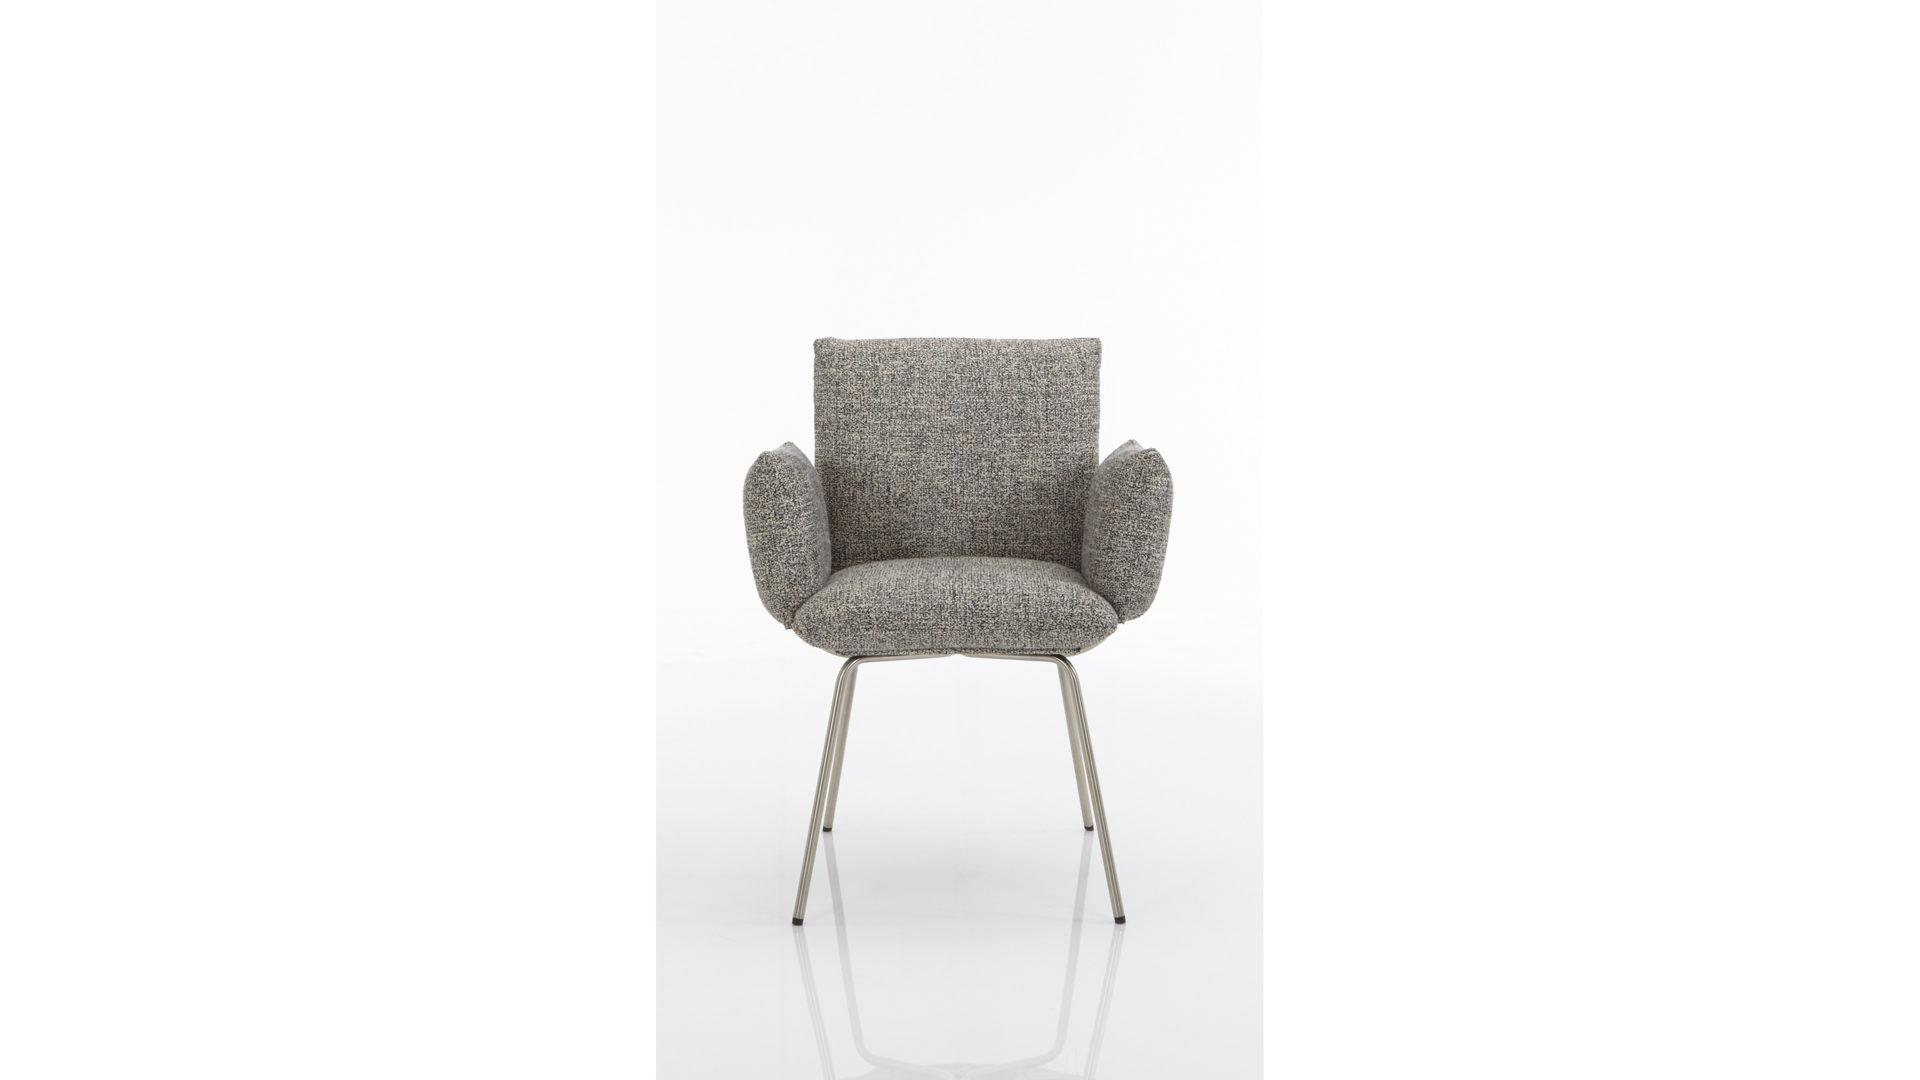 Moderne Stühle einrichtungspartner ring räume esszimmer stühle bänke